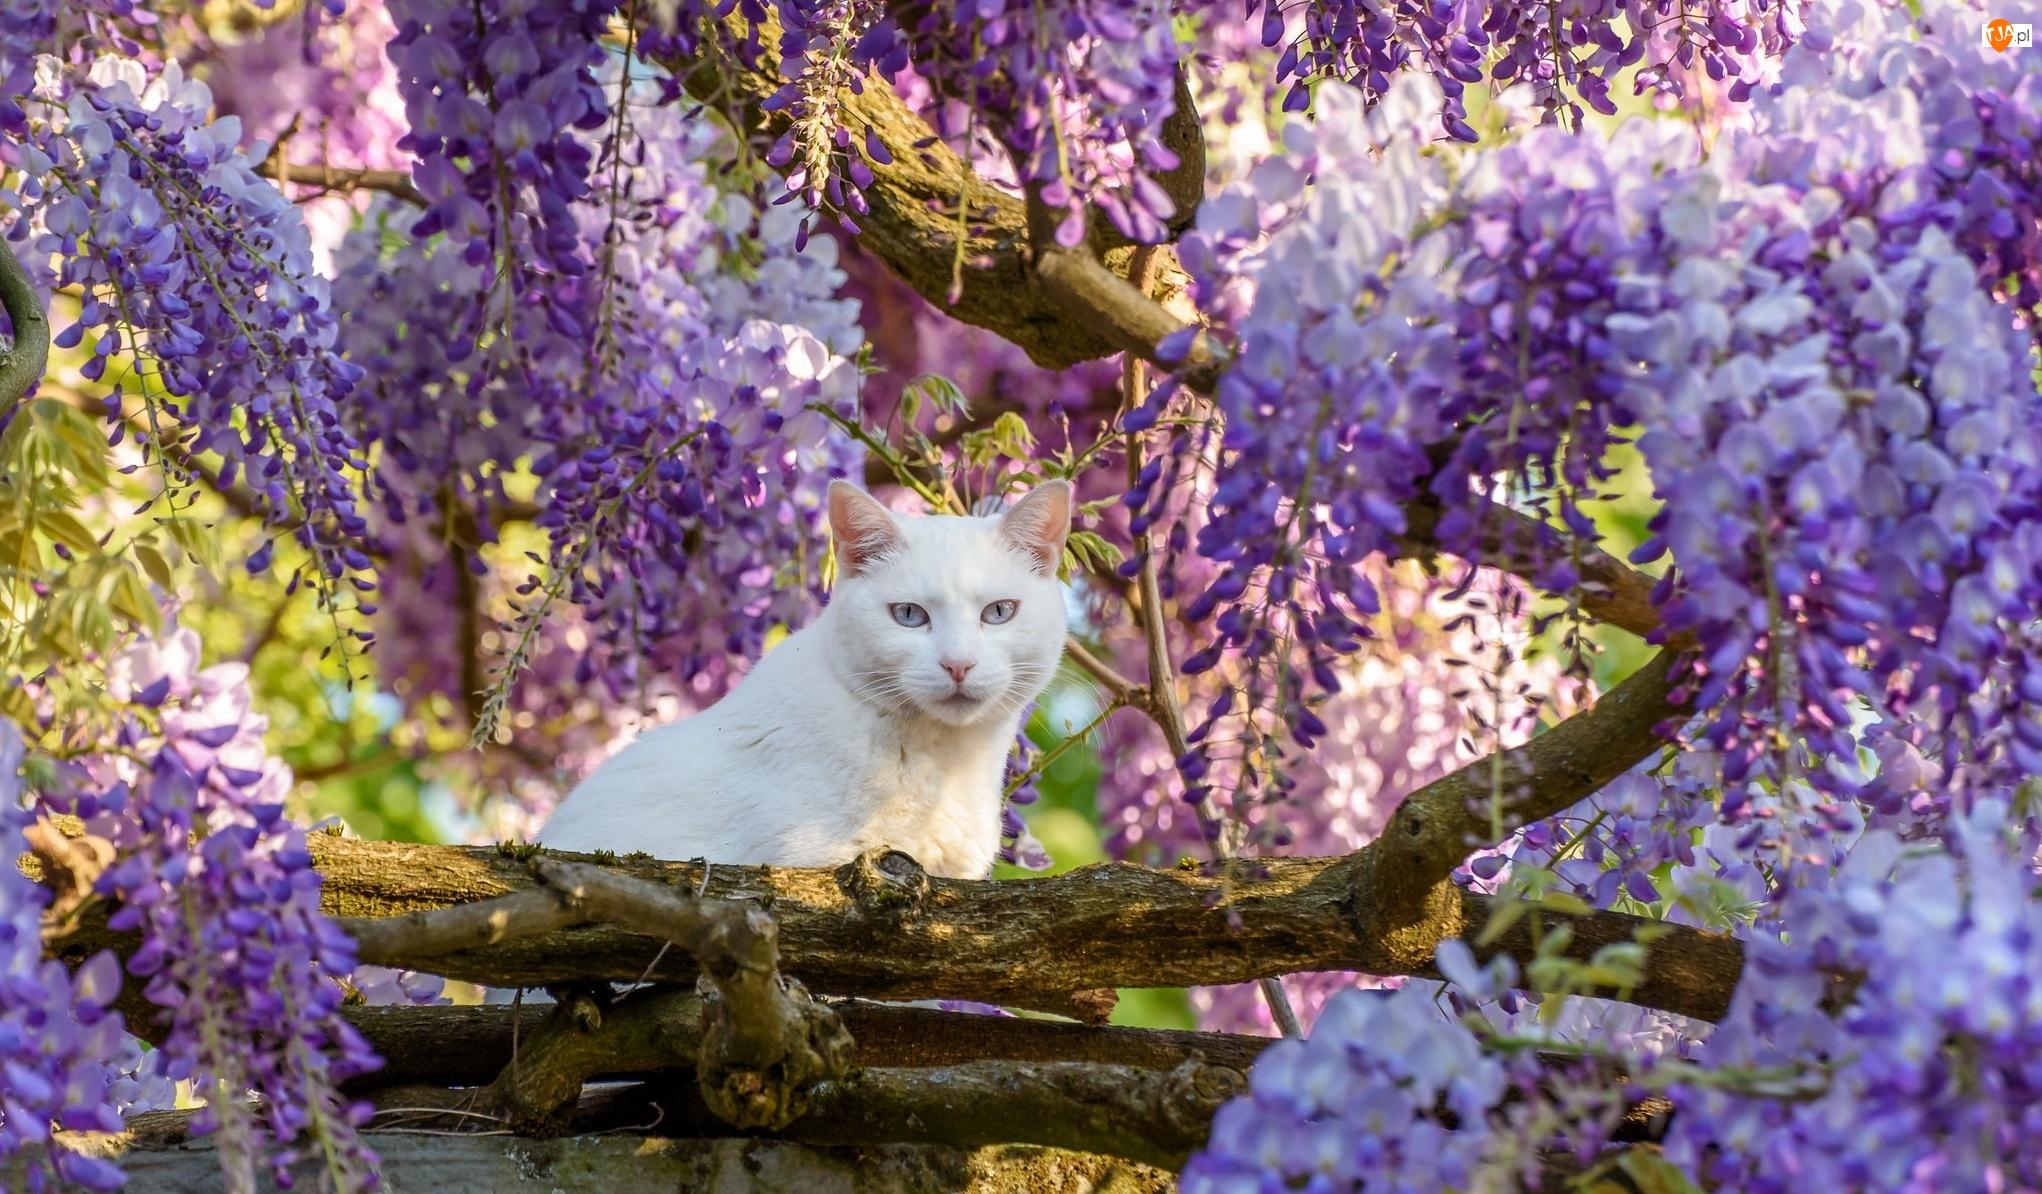 Drzewo, Glicynia, Kot, Biały, Kwiaty